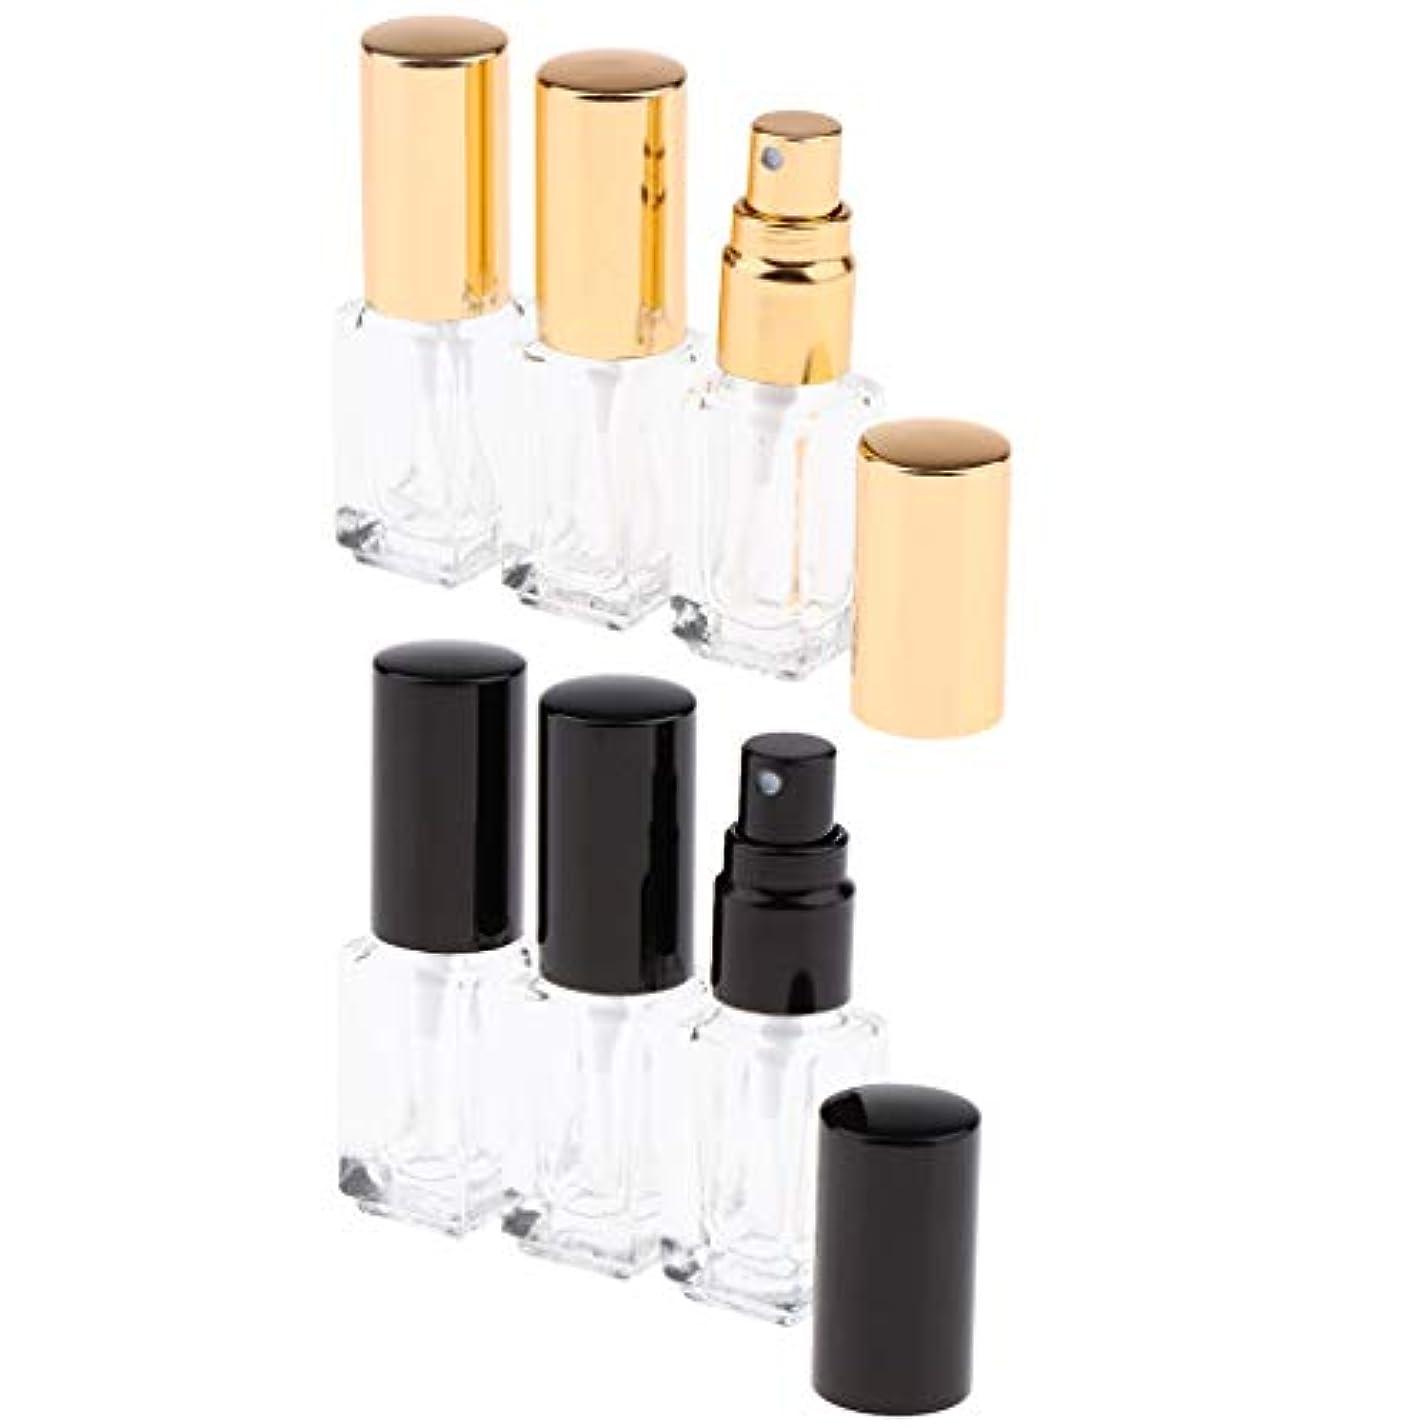 ブレイズ信頼性のある絶妙香水ボトル ガラス 香水アトマイザー 香水瓶 ポンプ式 香水 フレグランス アフターシェーブ